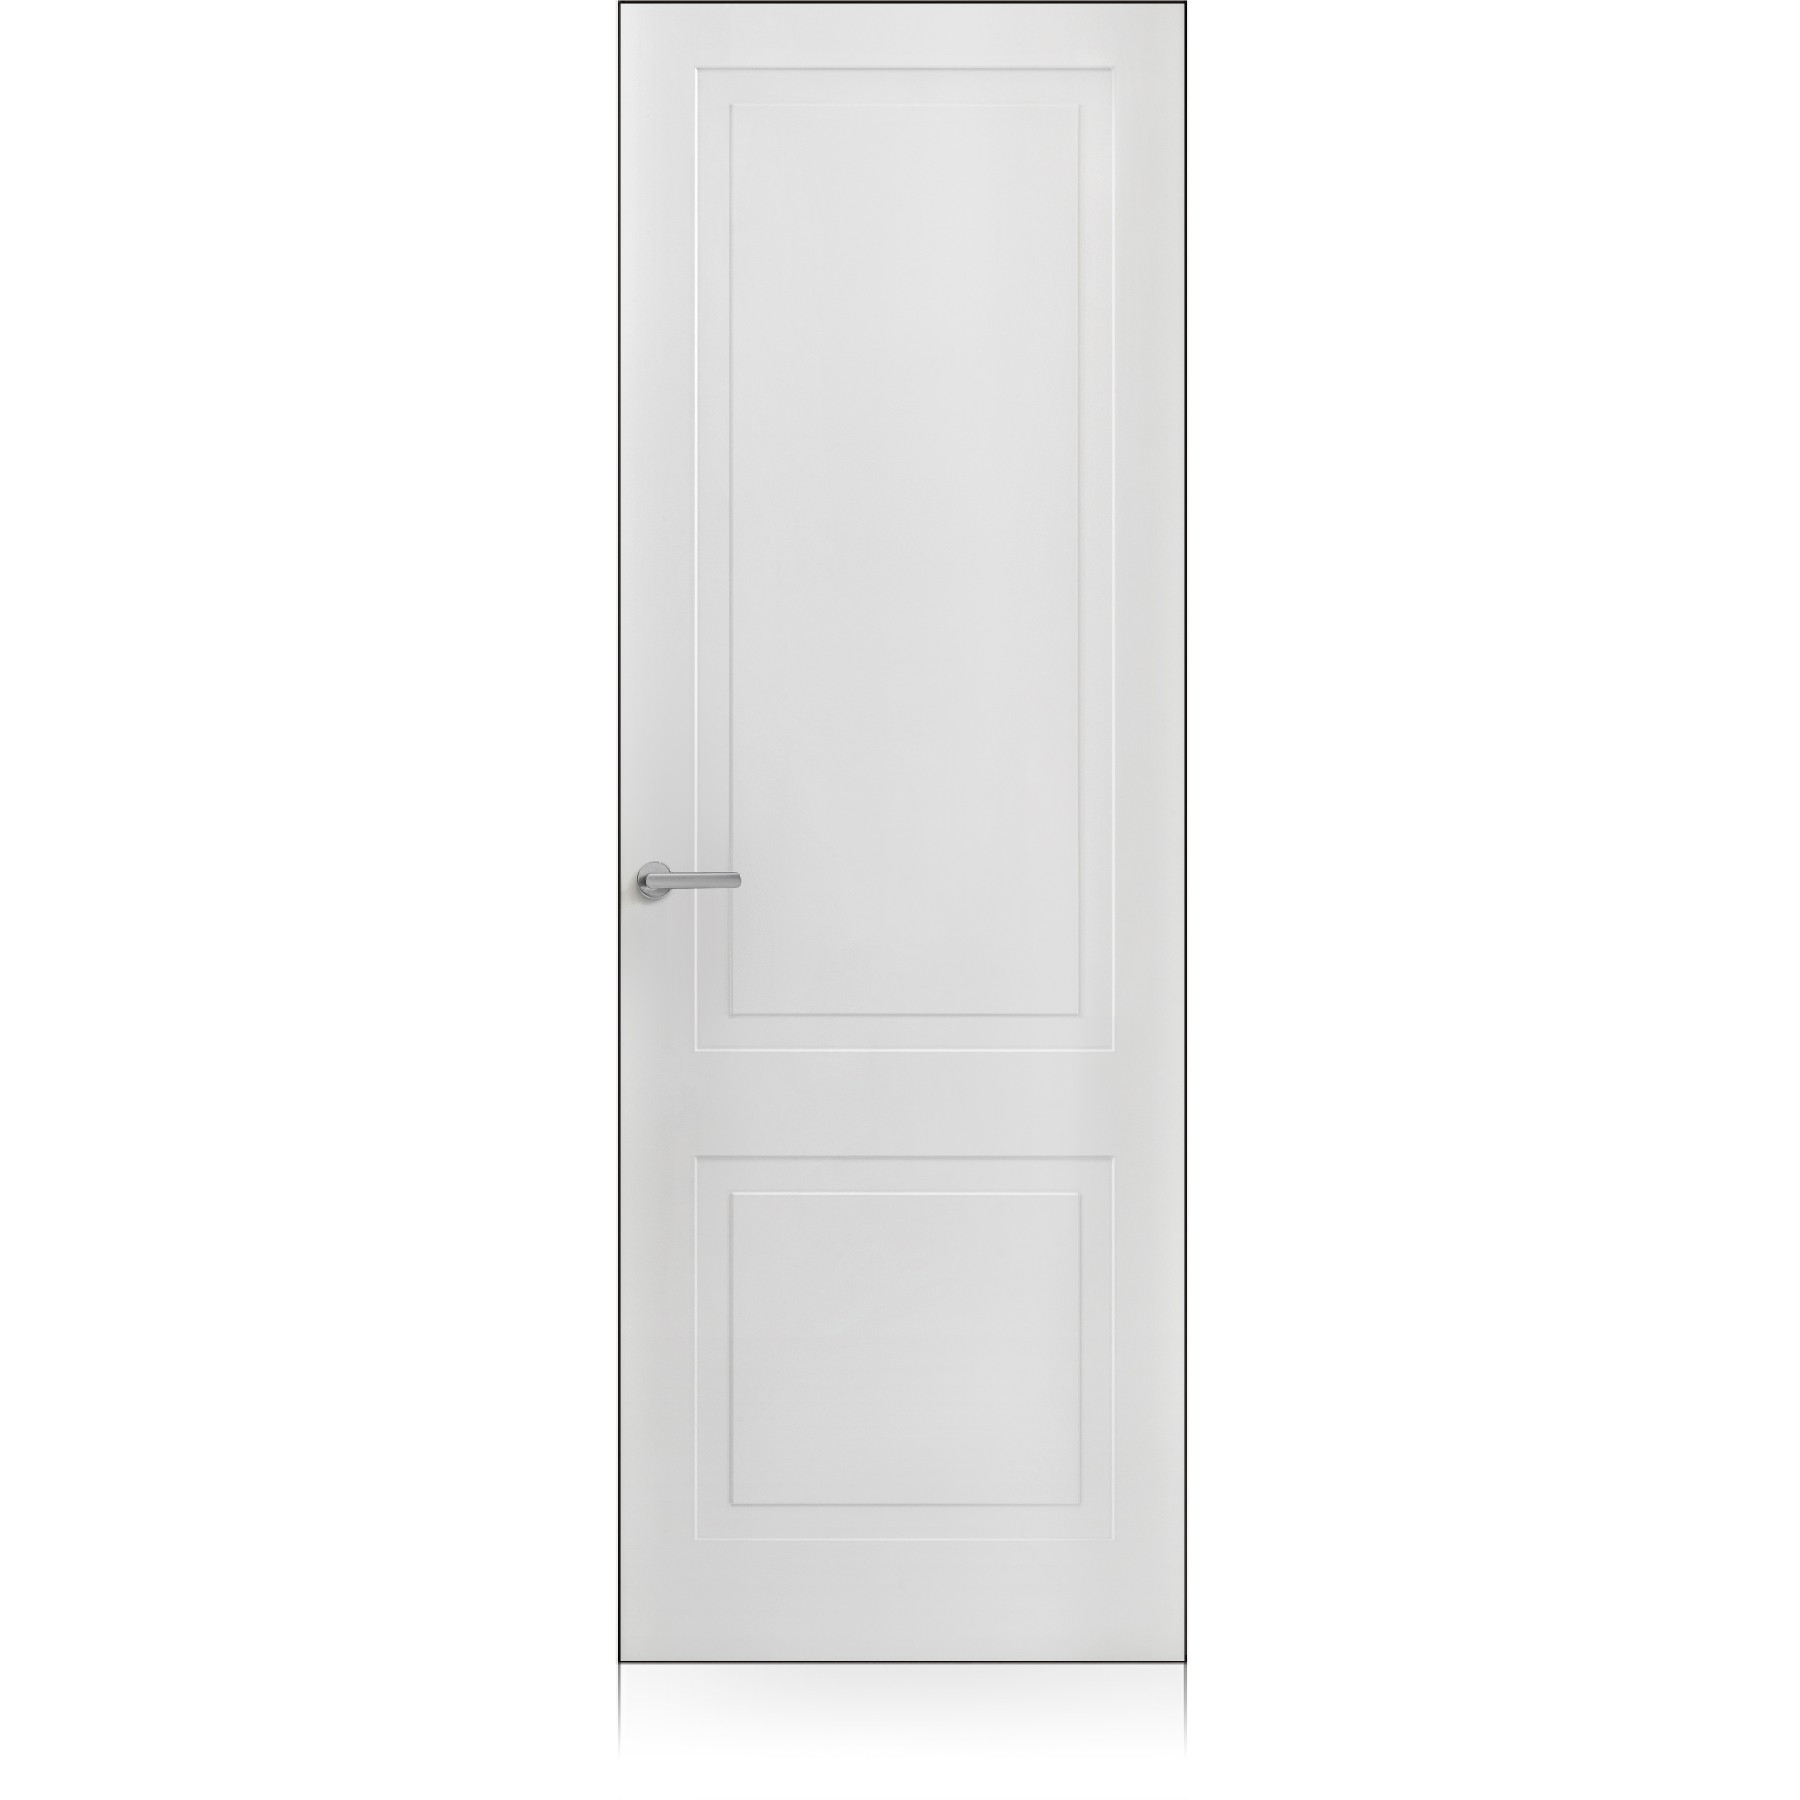 Porte Mixy / 2 Zero bianco optical